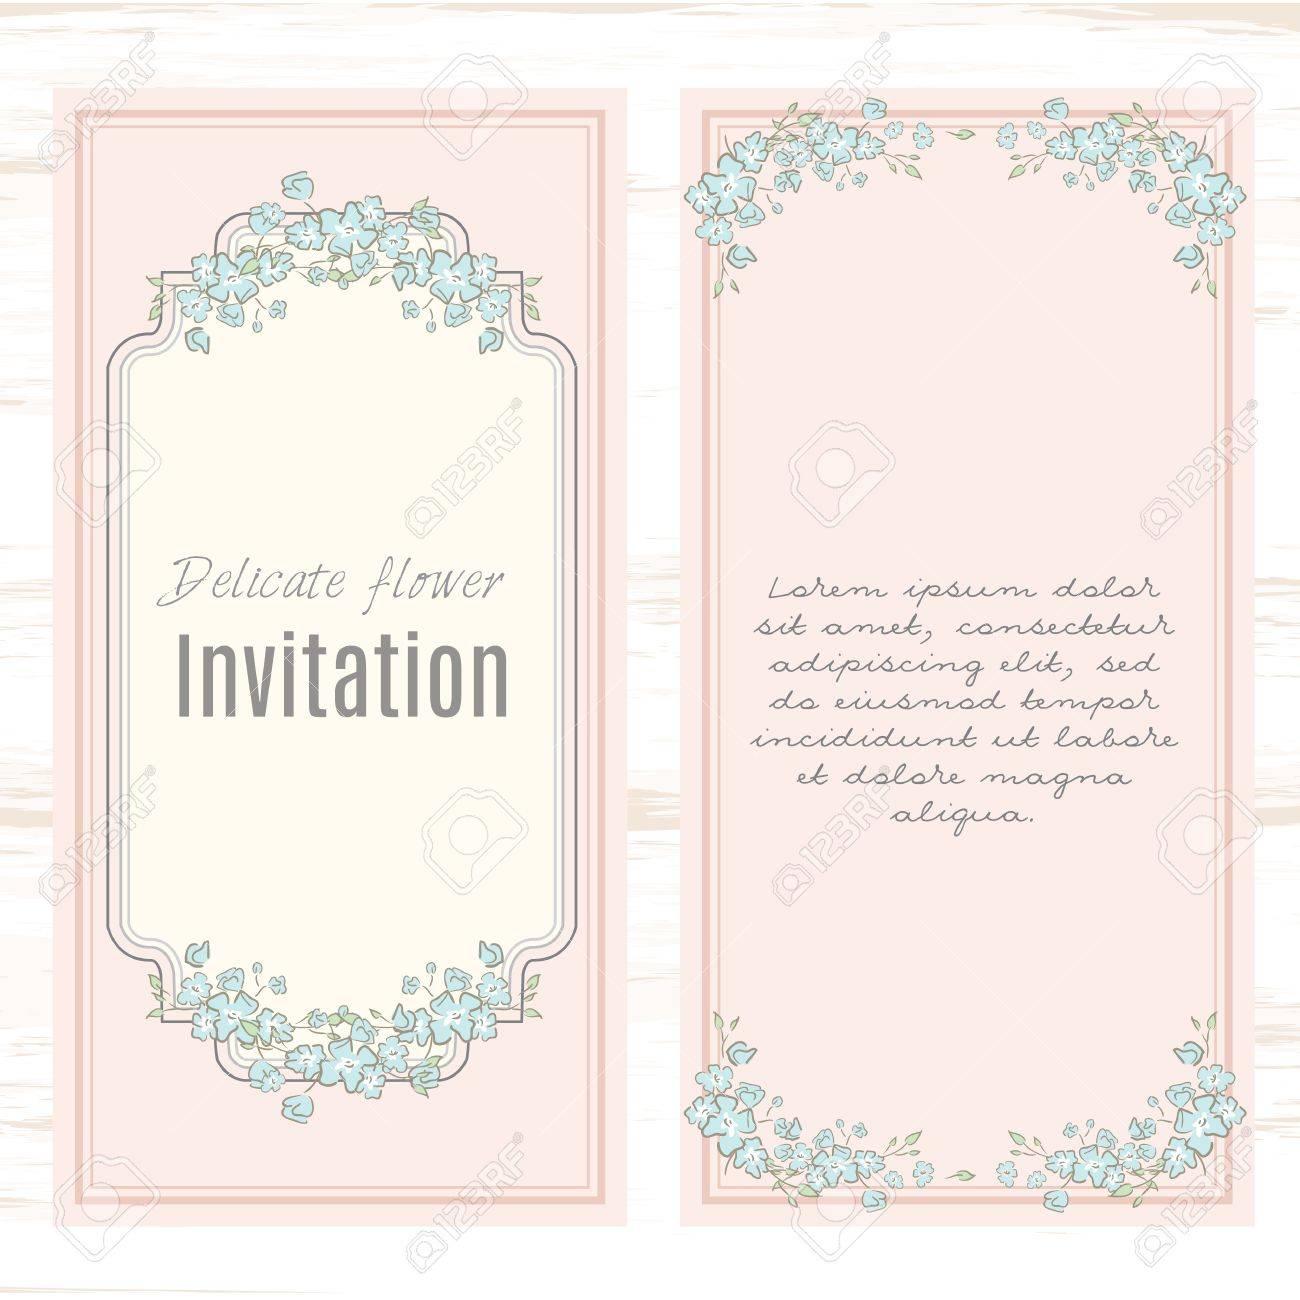 ... Einladung, Shabby Chic. Grußkarte Vorlage Blumenhintergrund. Design  Briefpapier Im Vektor Format Eingestellt. Hochzeit Karte Oder